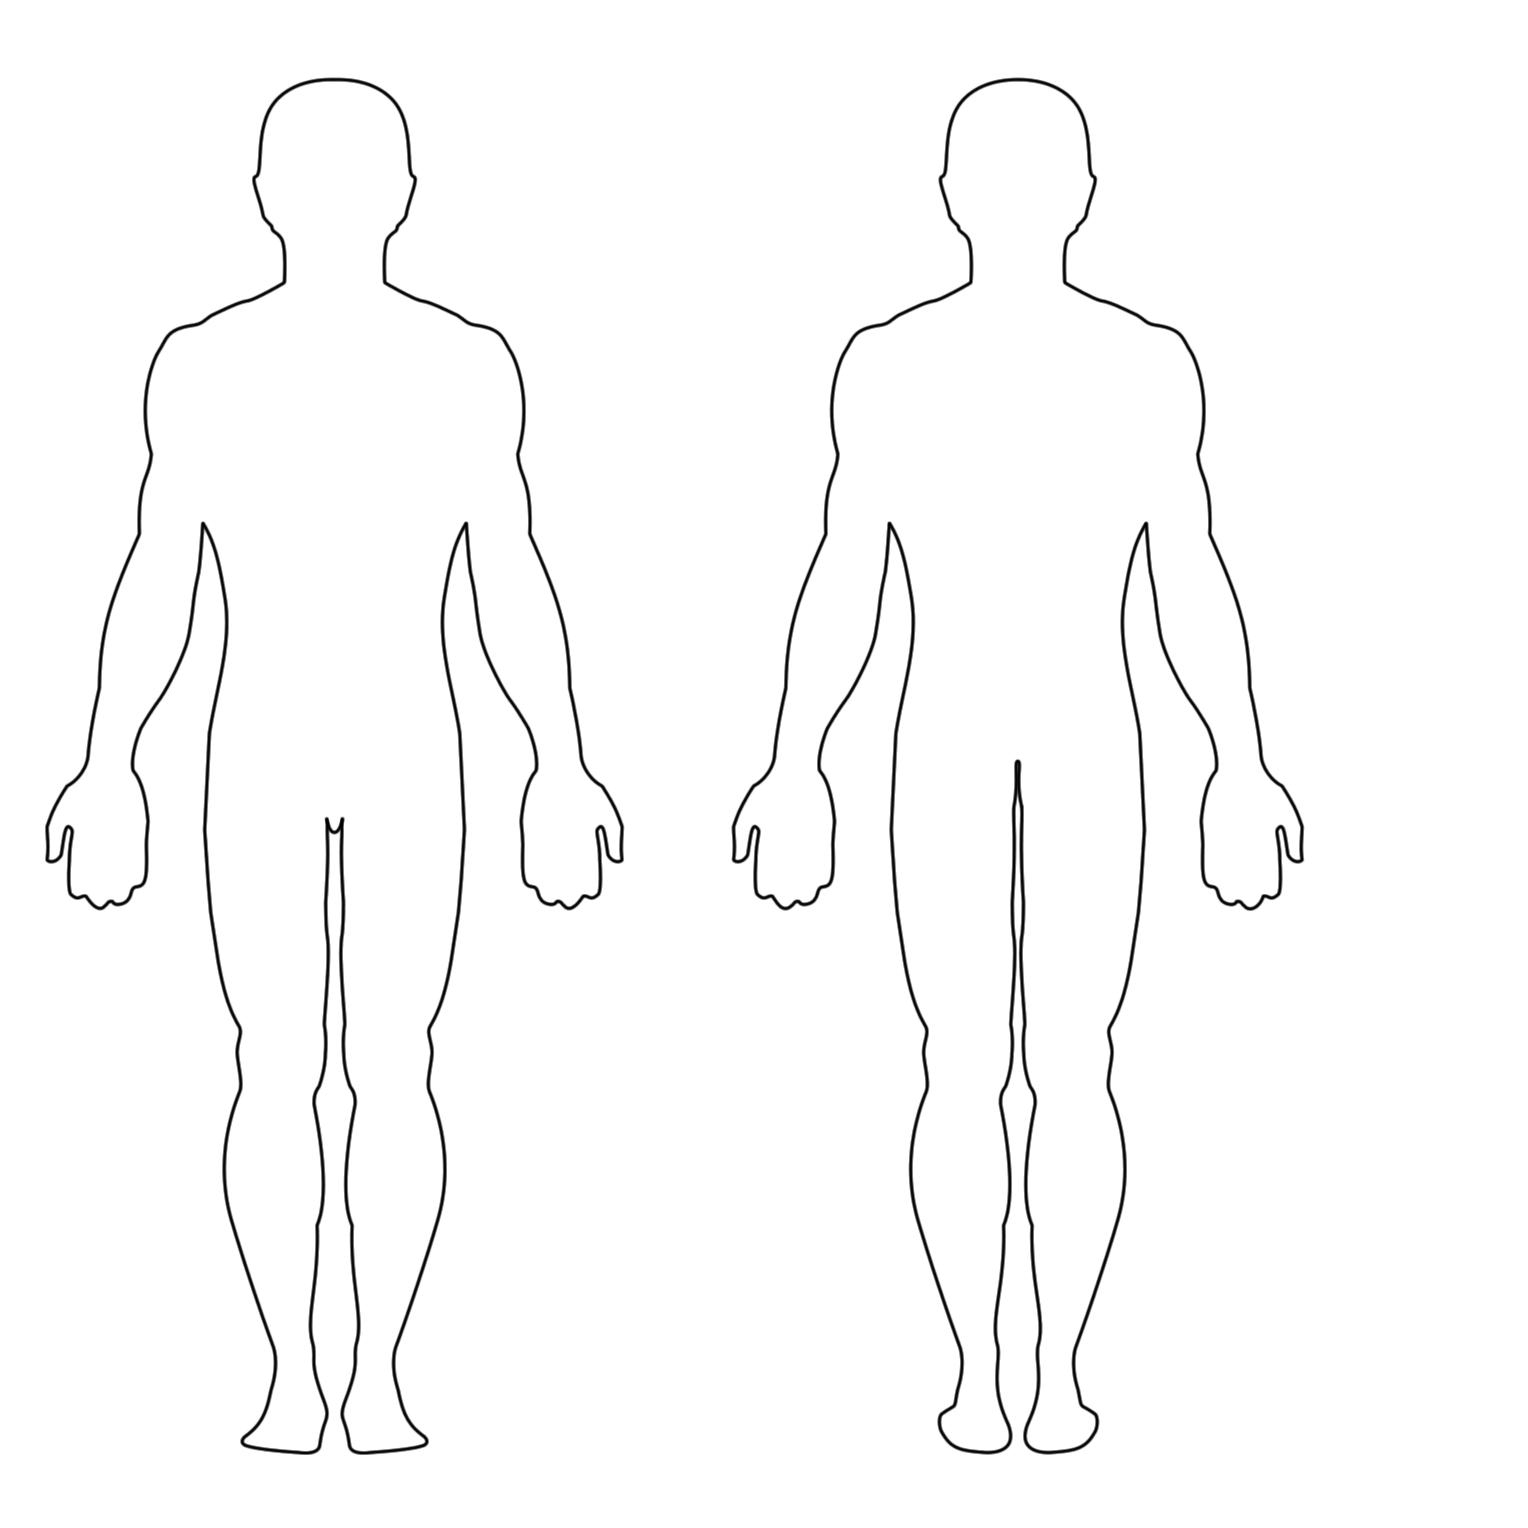 Free Printable Human Body Template